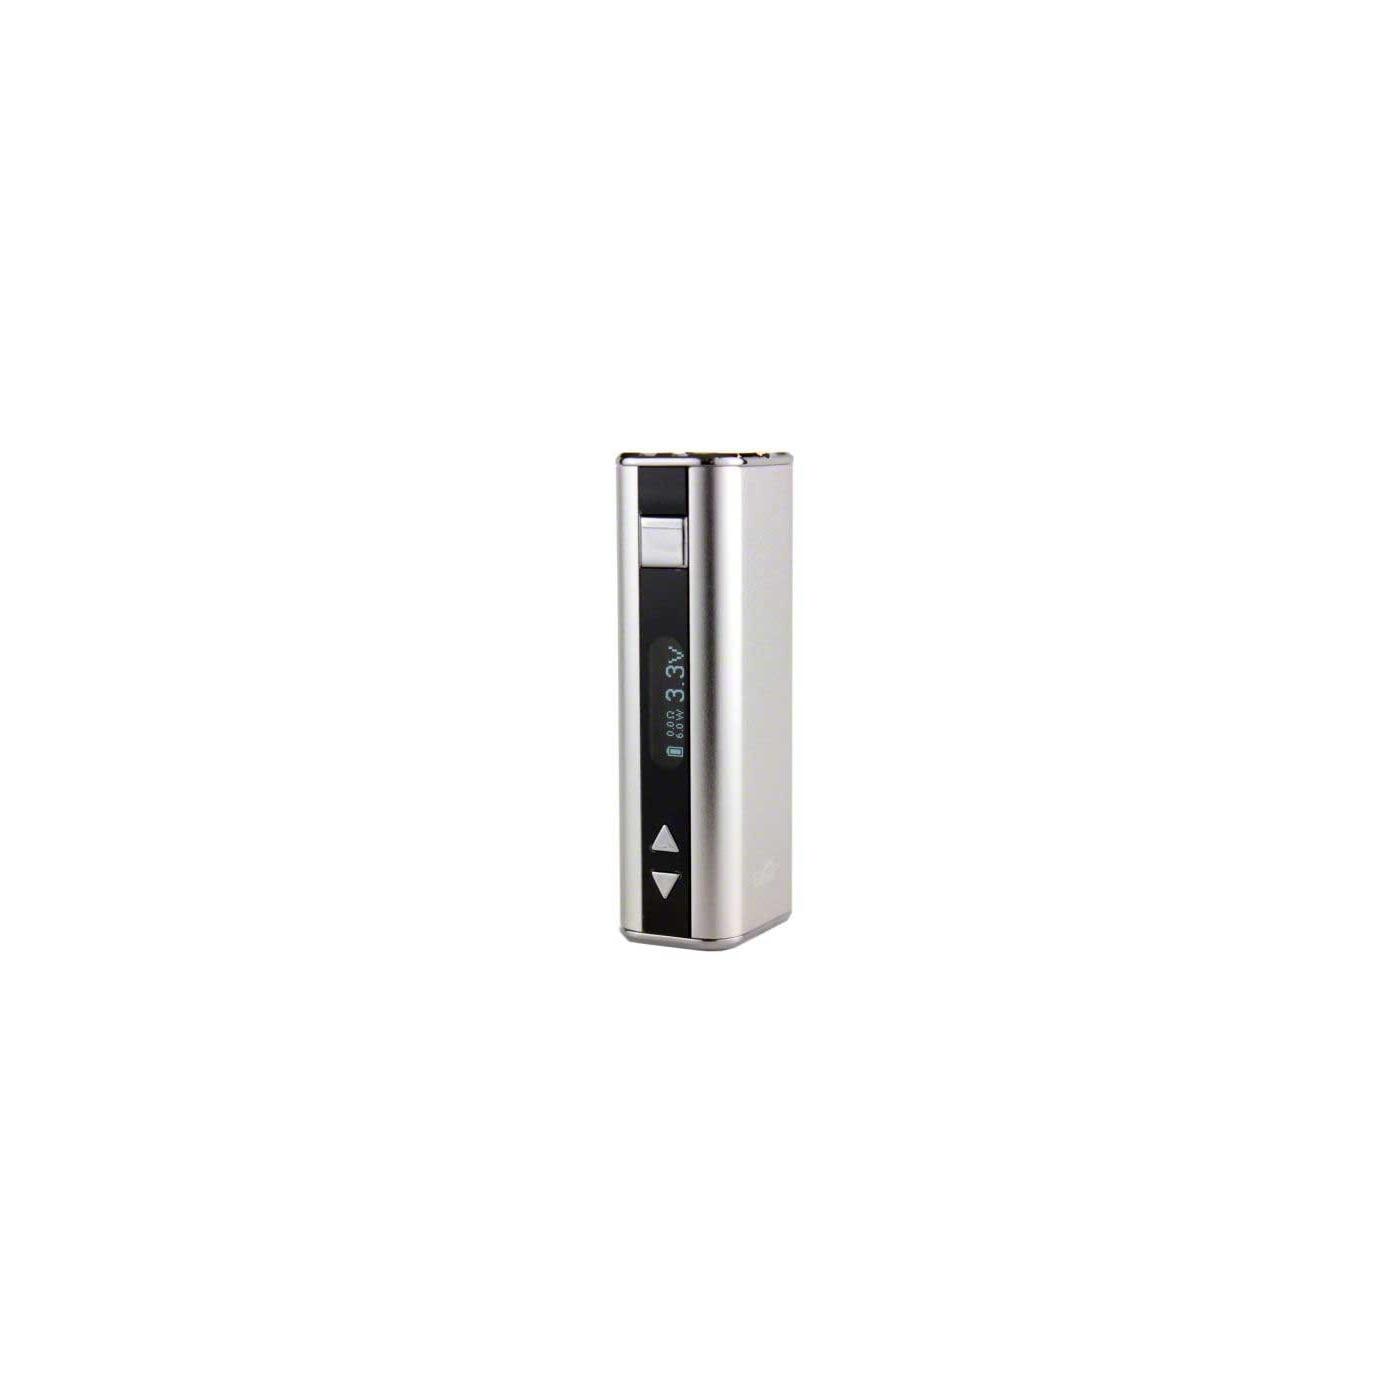 Eleaf iStick 20W - Silver